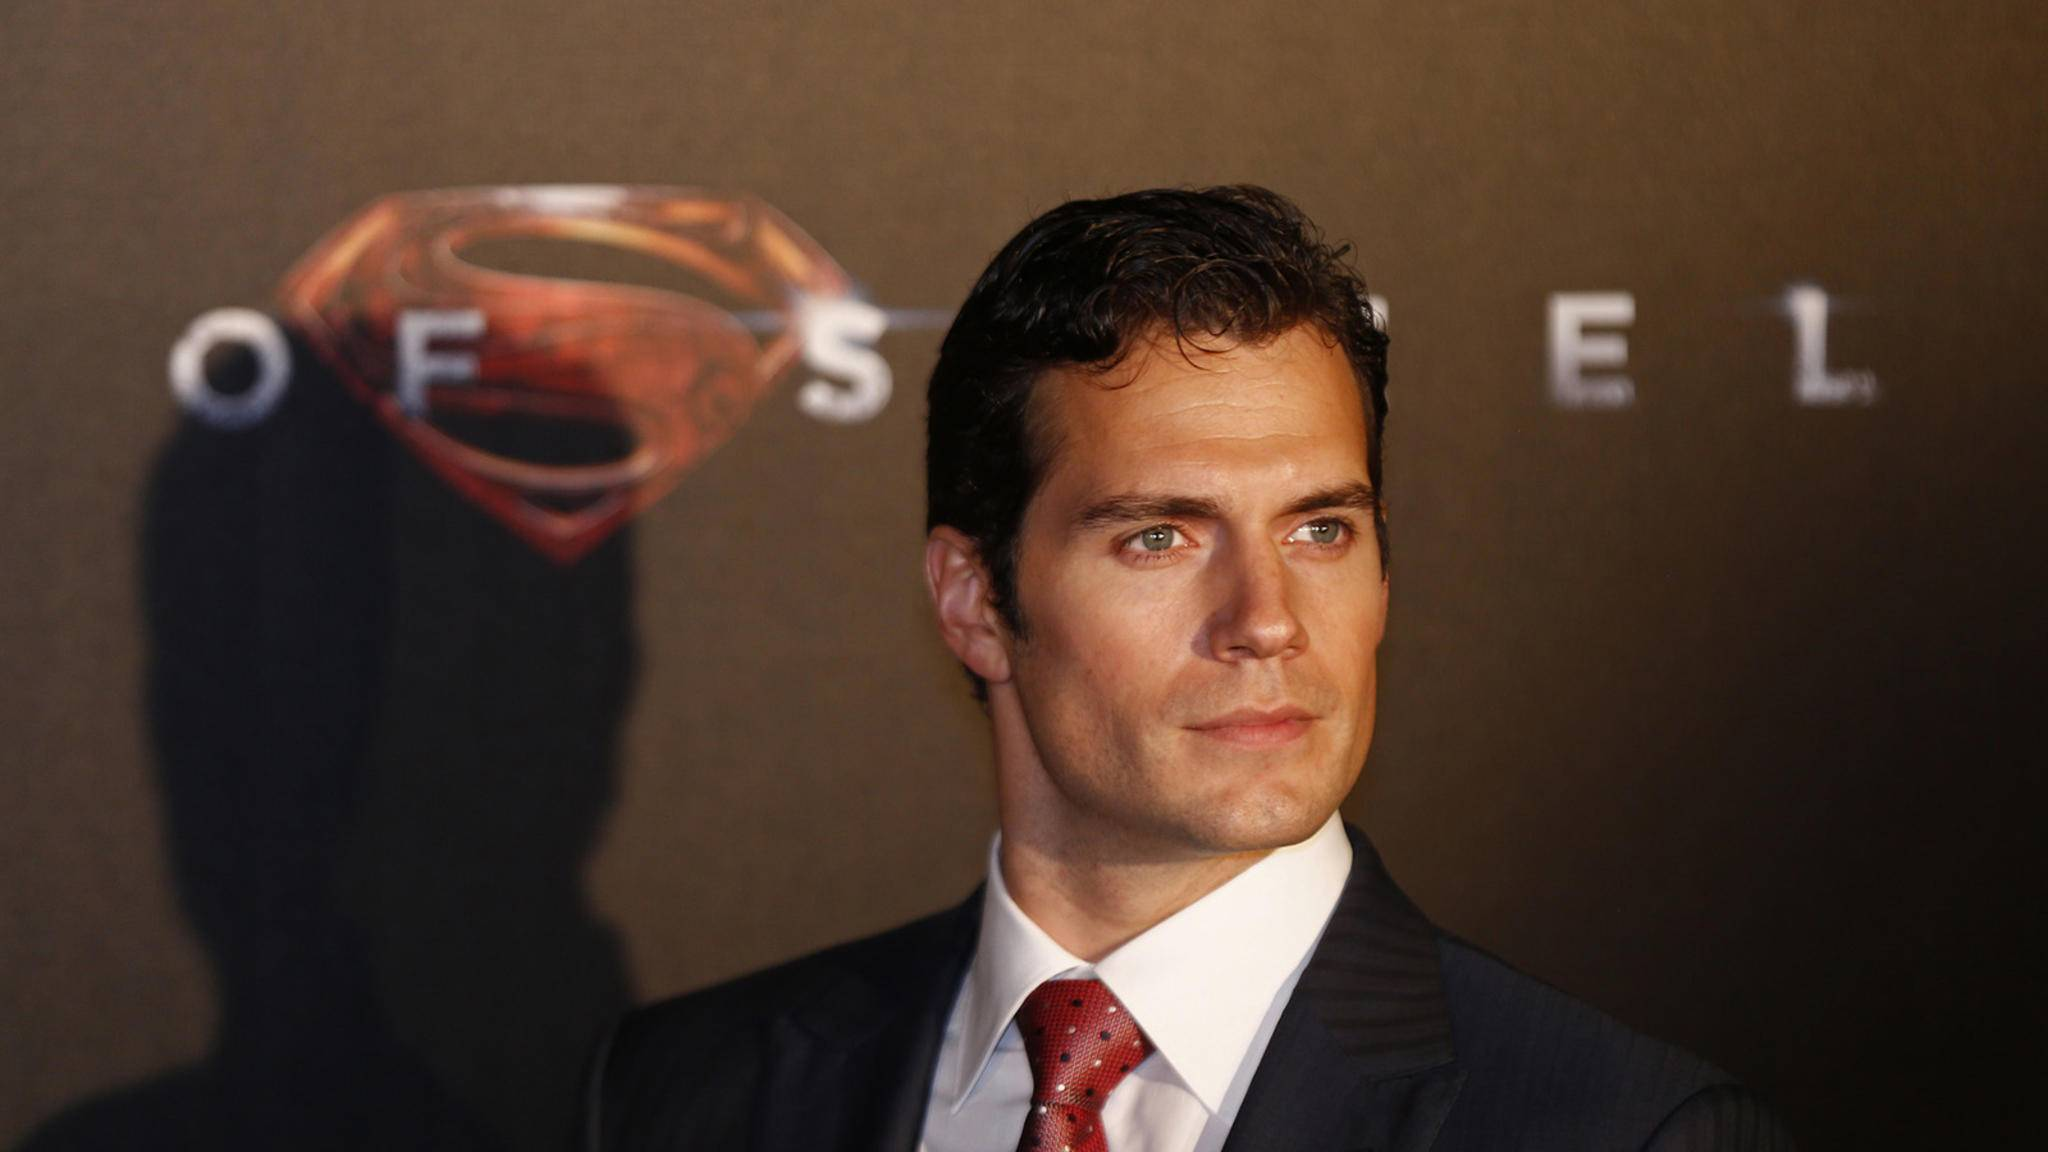 Superman mit Pokerface: Selbst in einem Instagram-Video verriet Henry Cavill nicht, ob die Exit-Gerüchte stimmen. Ist alles nur ein Riesen-Gag?